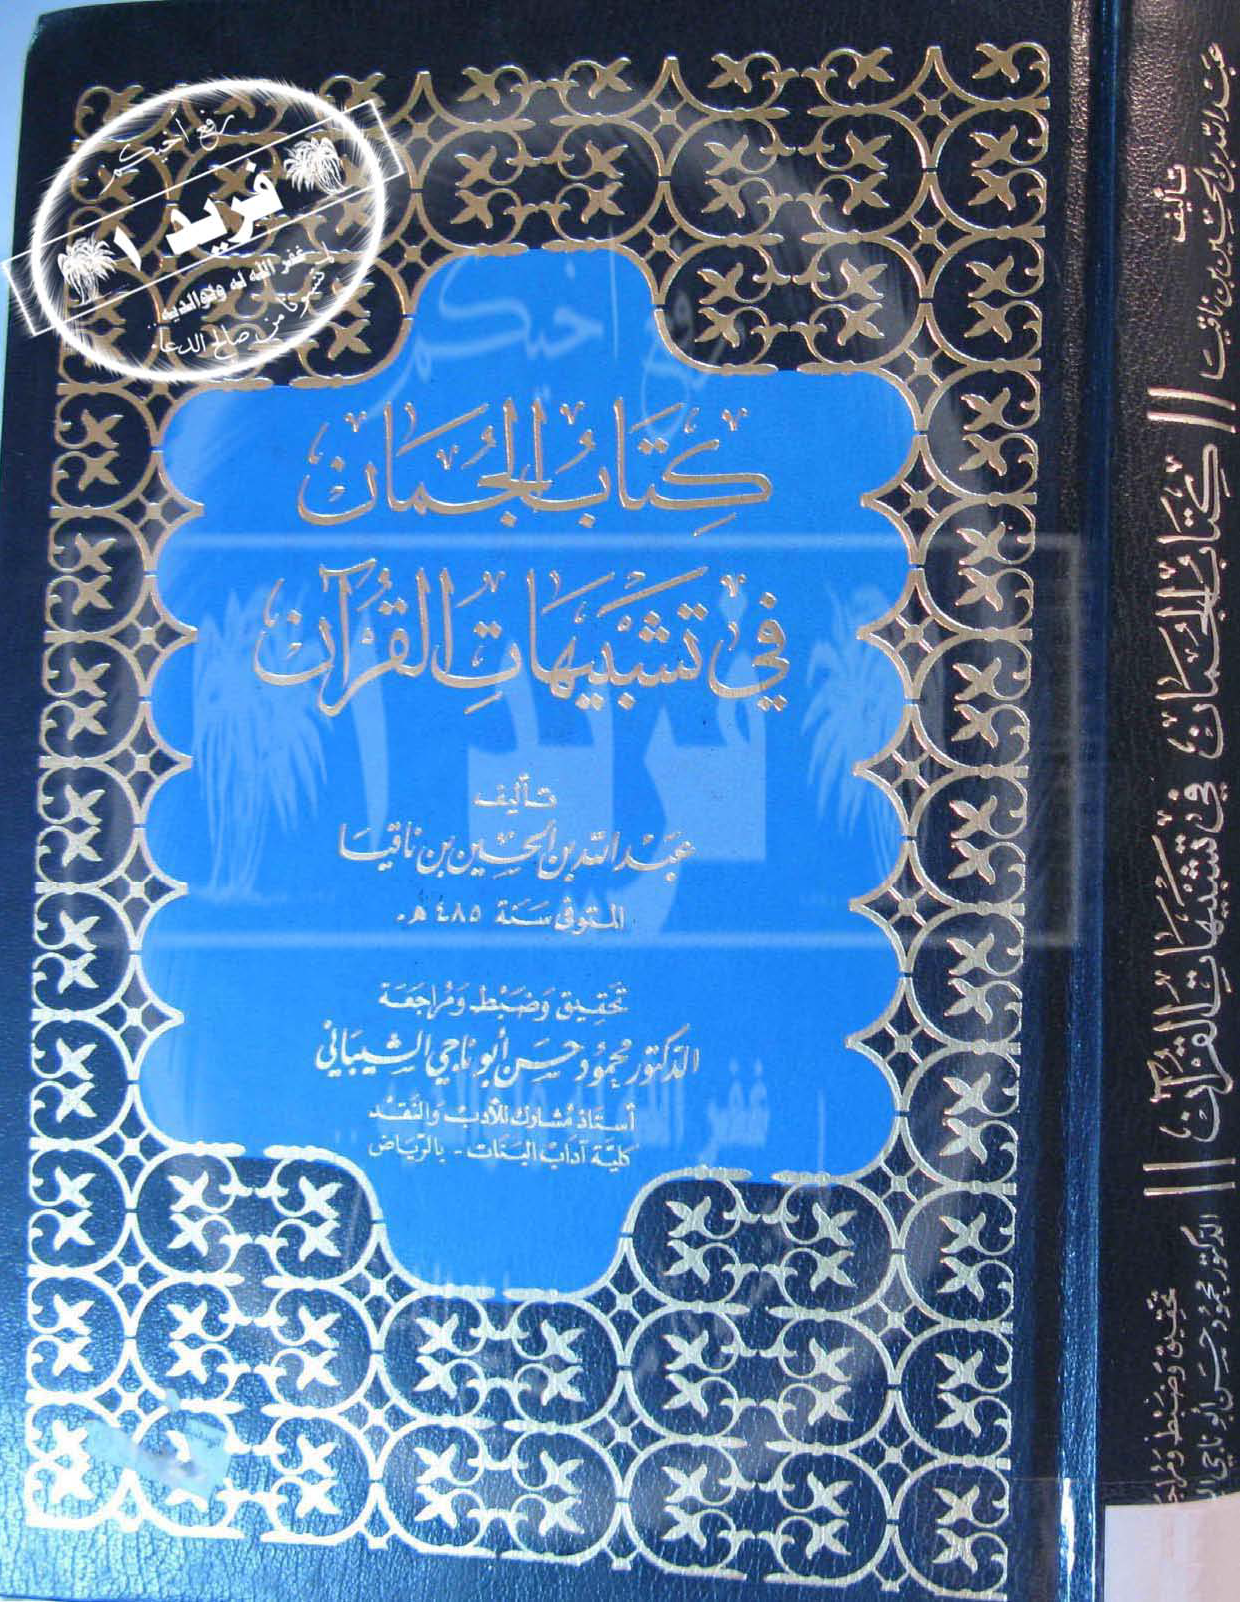 تحميل كتاب الجمان في تشبيهات القرآن لـِ: الإمام أبو القاسم عبد الله بن محمد بن الحسين بن داود بن ناقيا (ت 485)